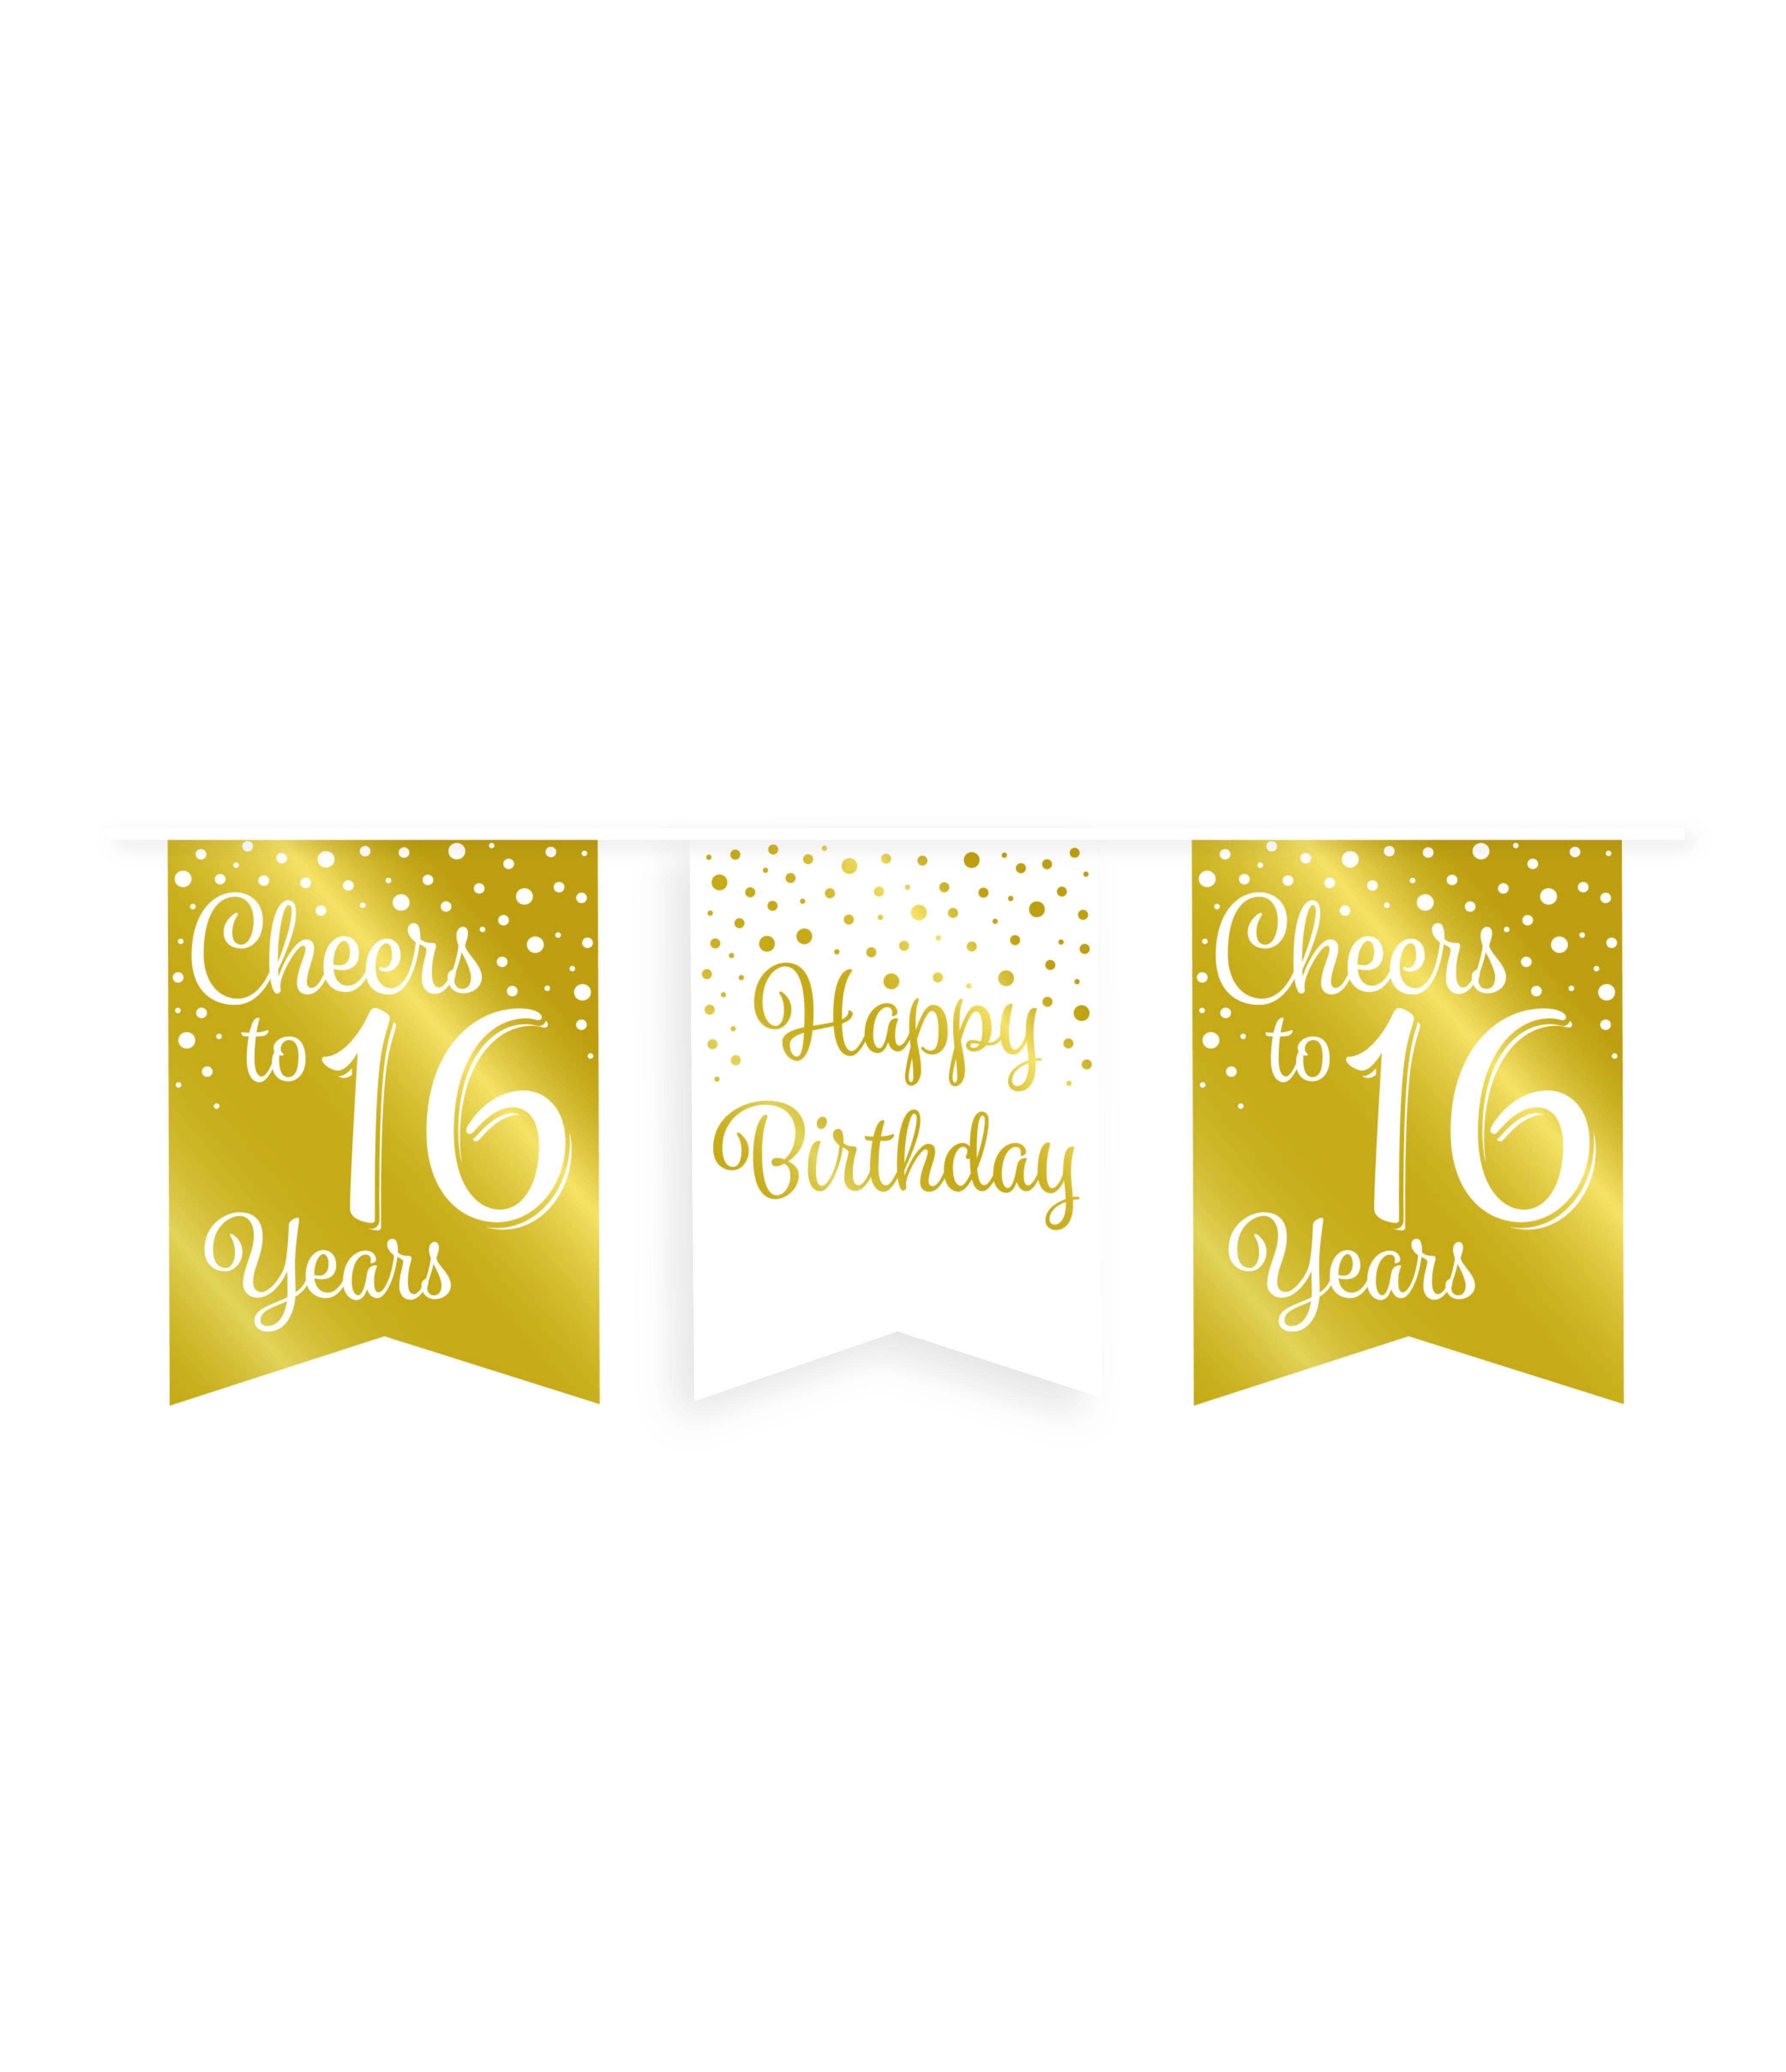 6m Vlaggenlijn Goud/Wit Cheers to 16 Years